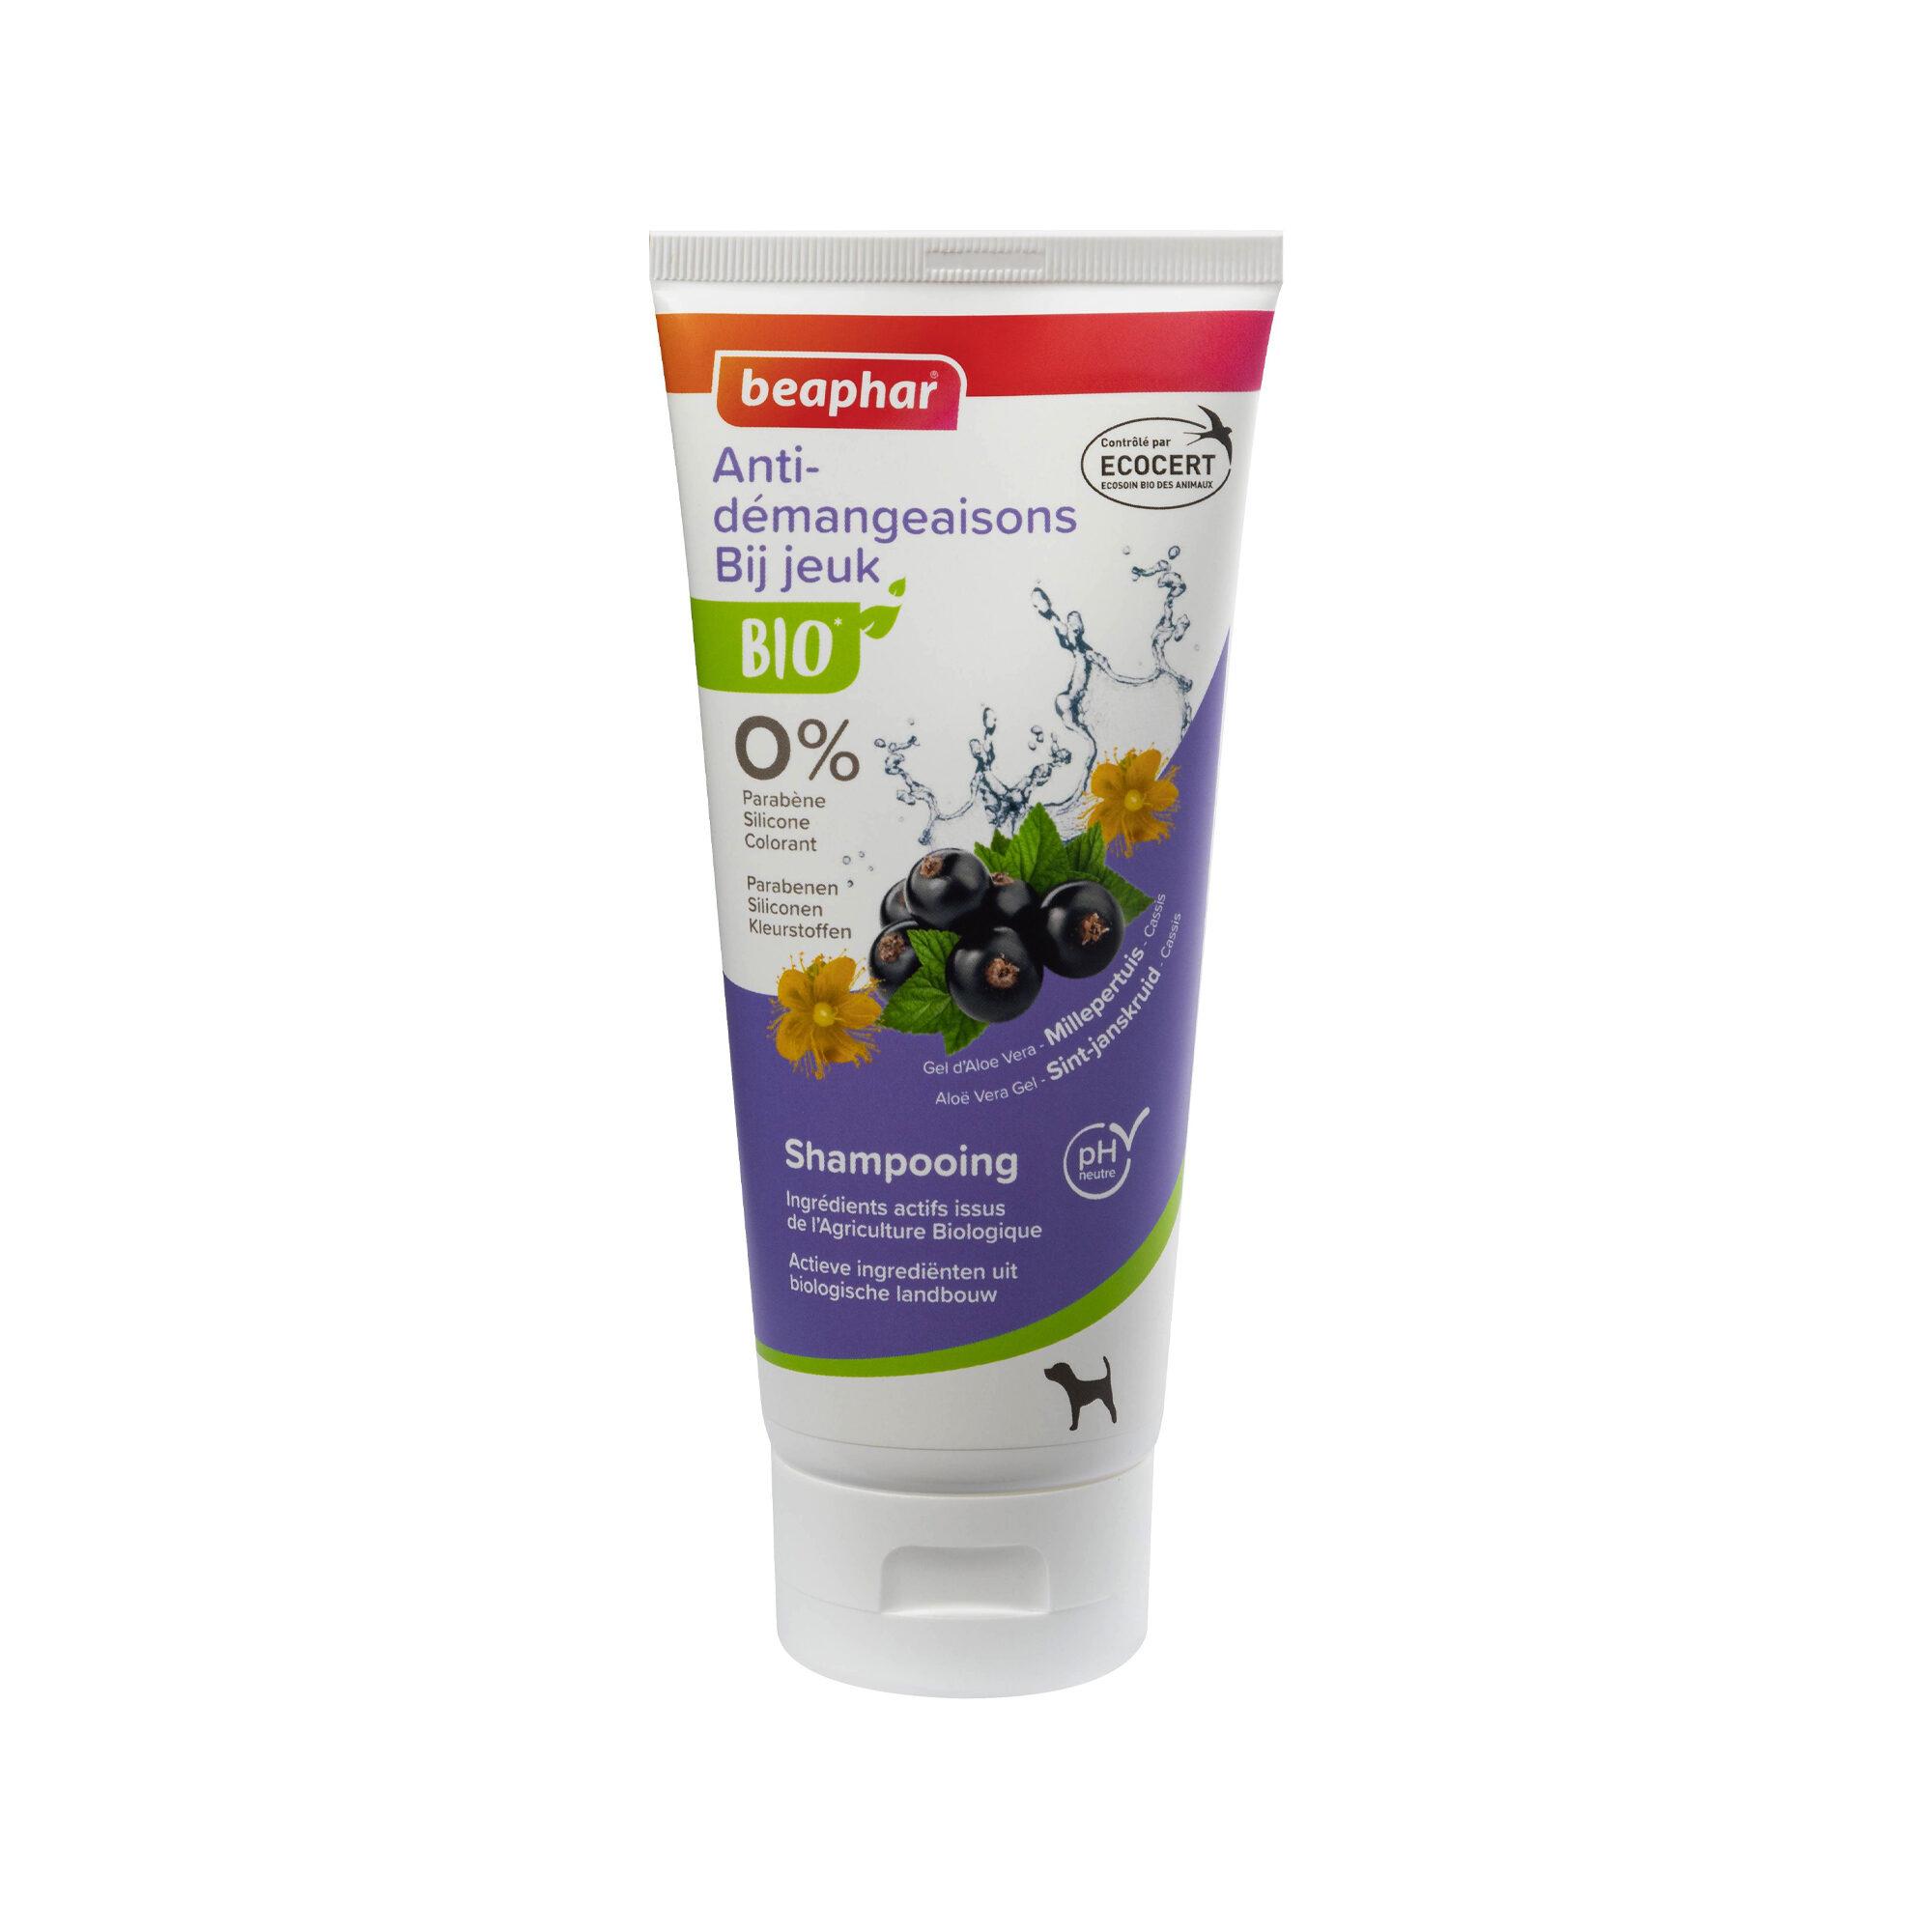 Beaphar Bio Shampoo pour les peaux sensibles